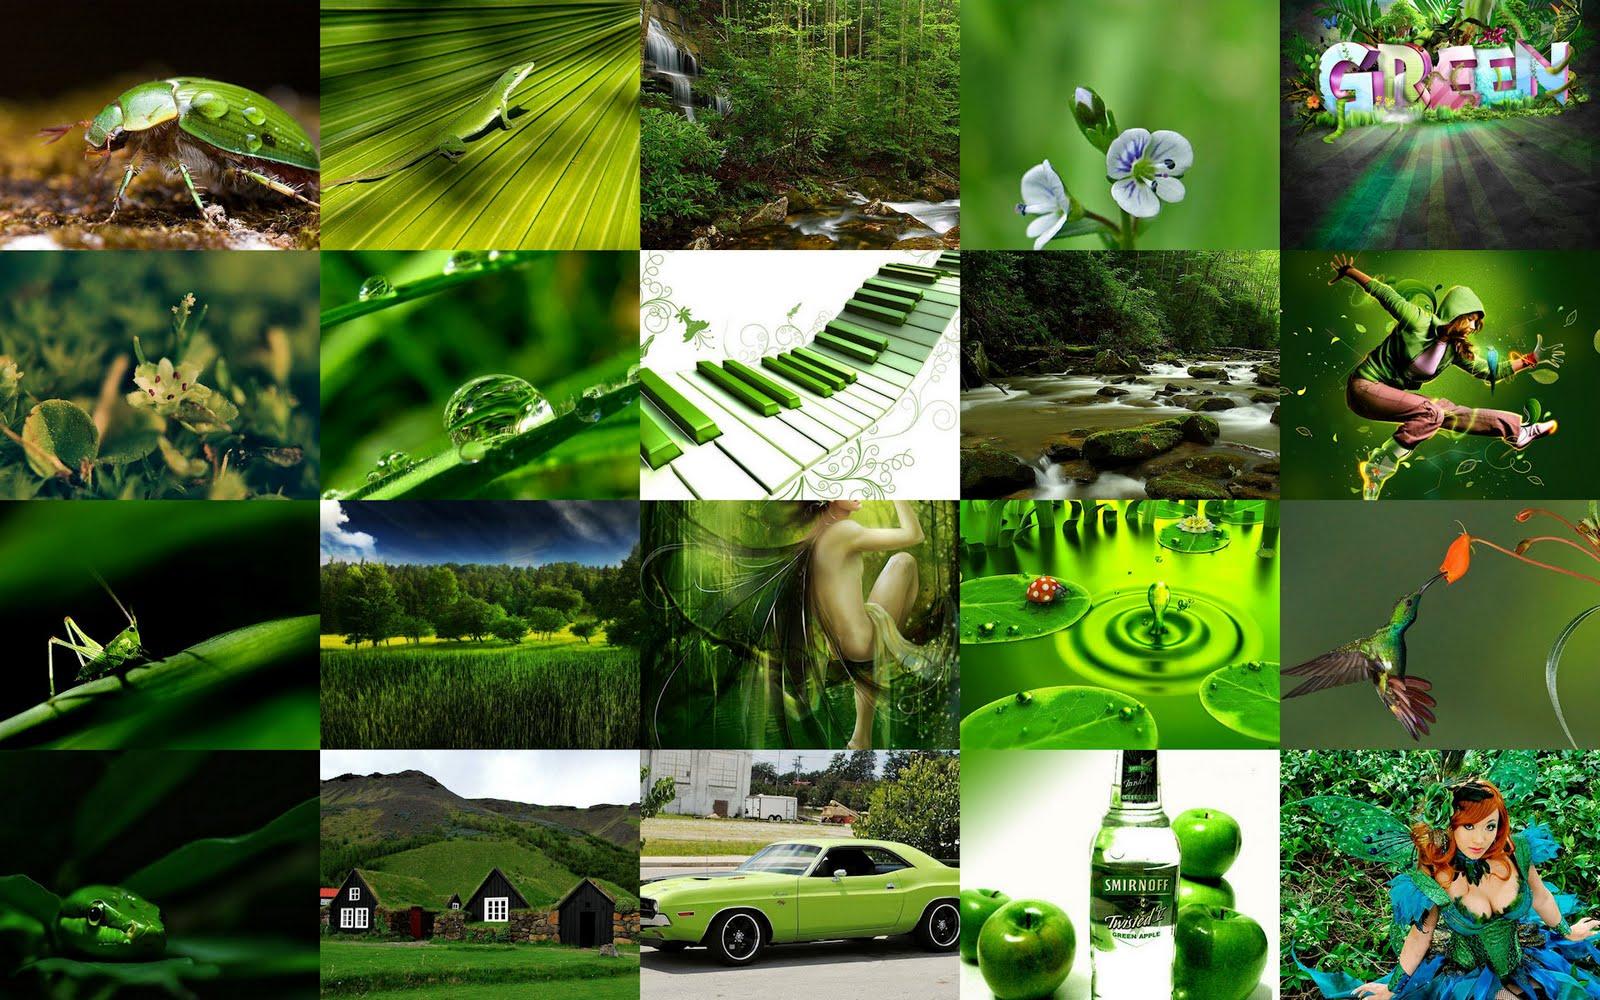 Wallpaper de imágenes verdes en resolución de 1920x1200px